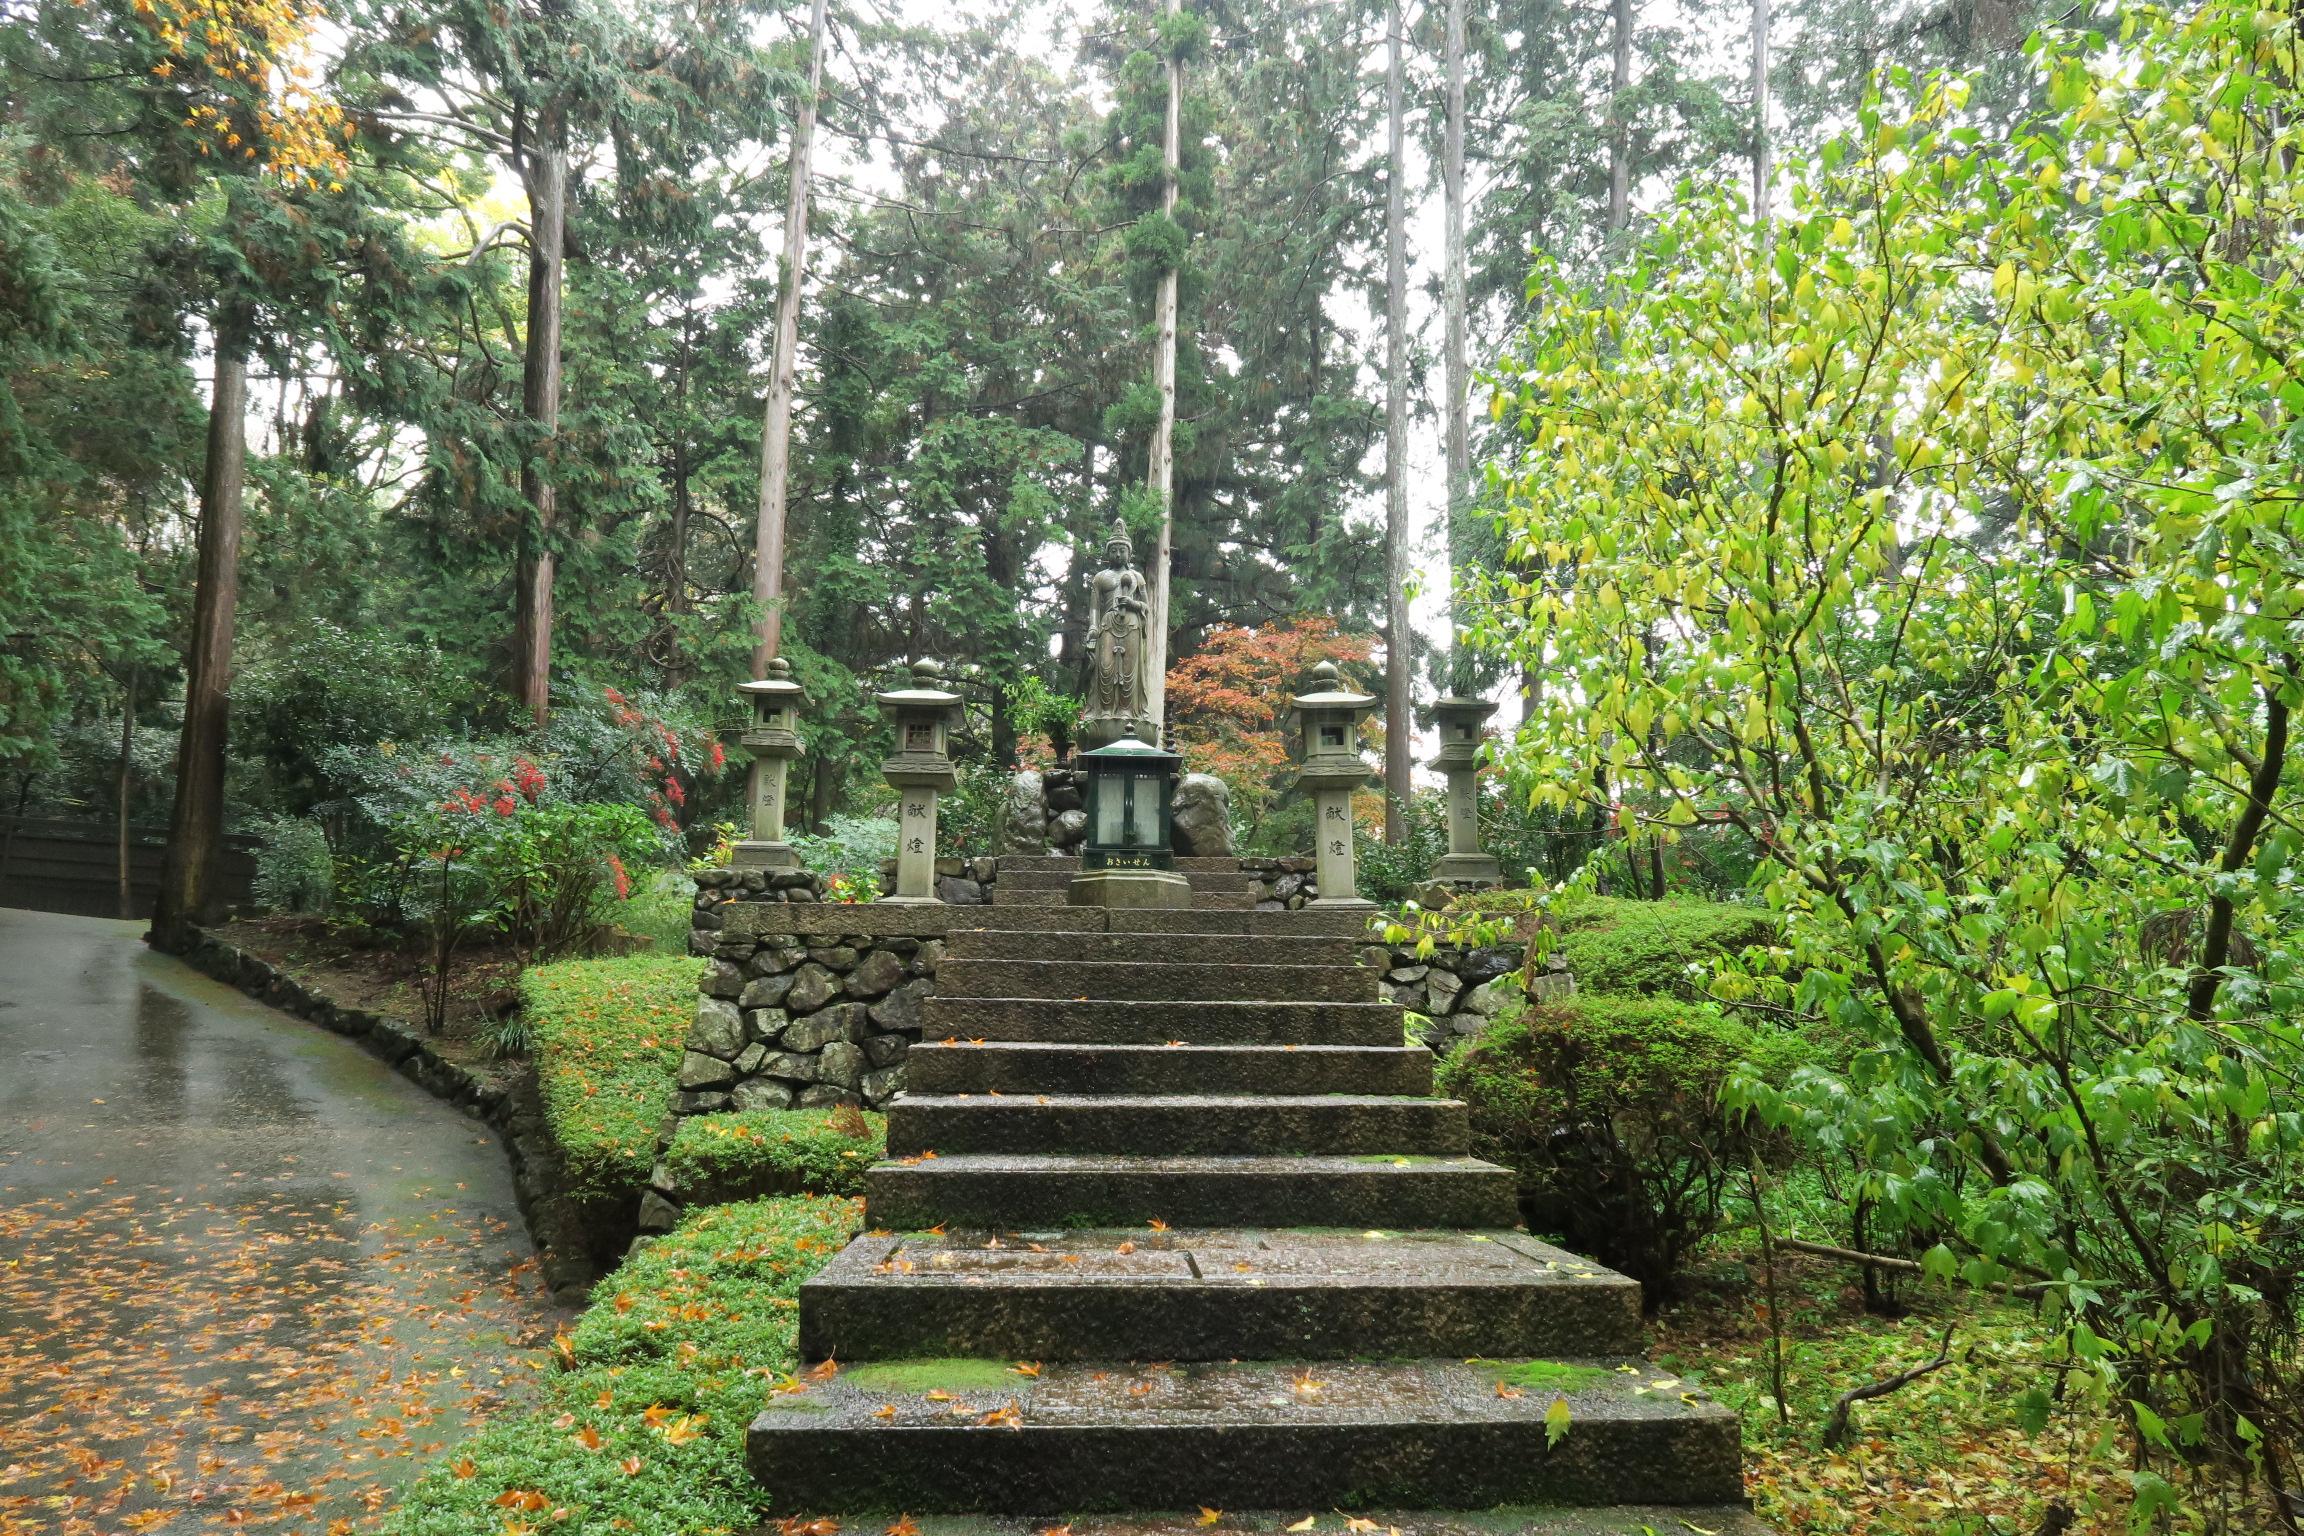 この辺りは青蓮院親王御陵(宮内庁管轄)と功績ある祖師の御墓があります。